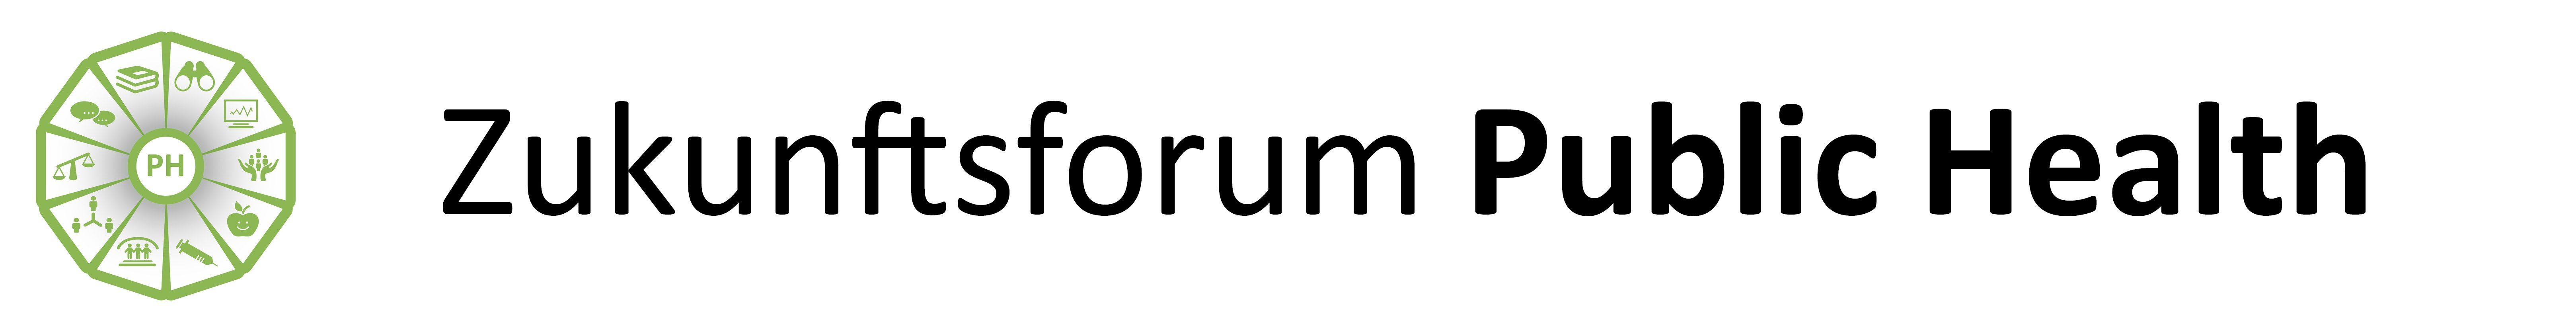 Zukunftsforum Public Health